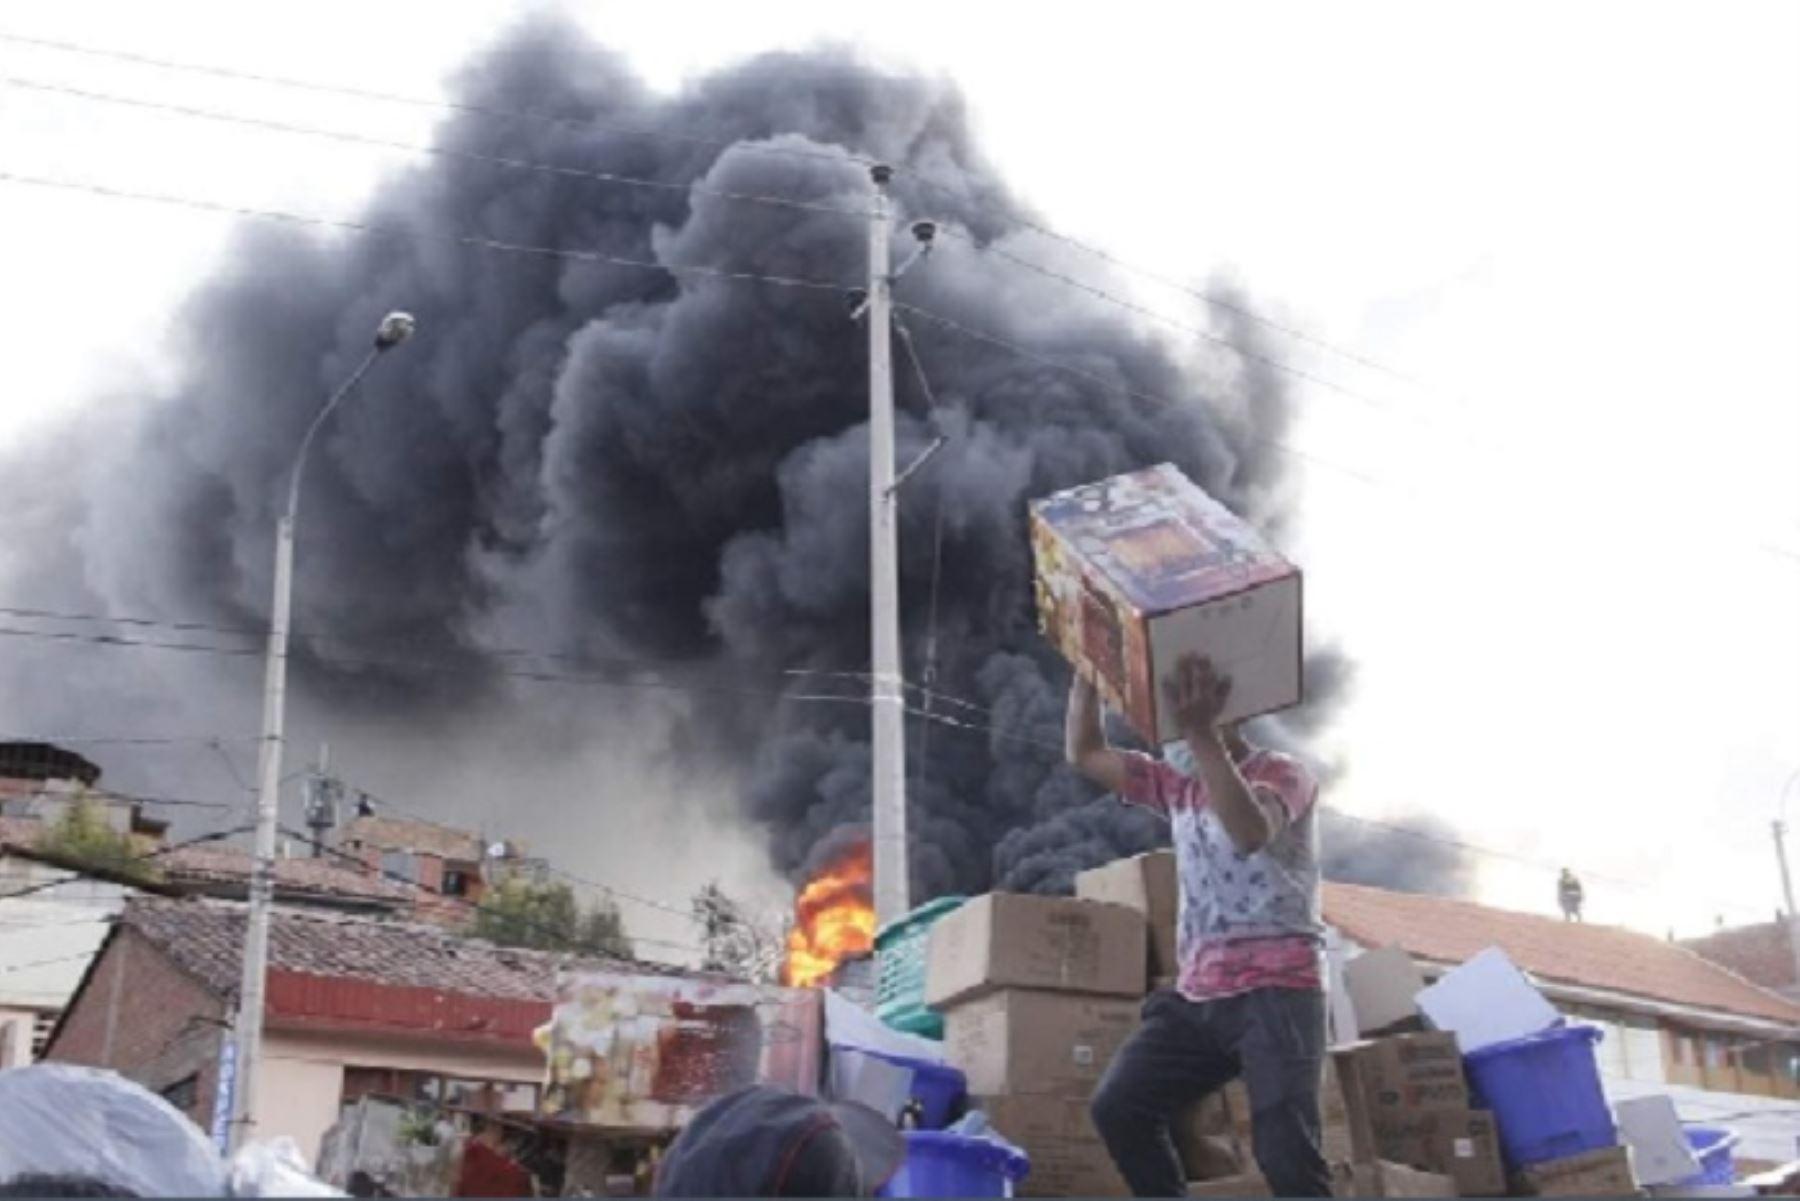 cusco-bomberos-realizan-remocion-de-escombros-tras-dantesco-incendio